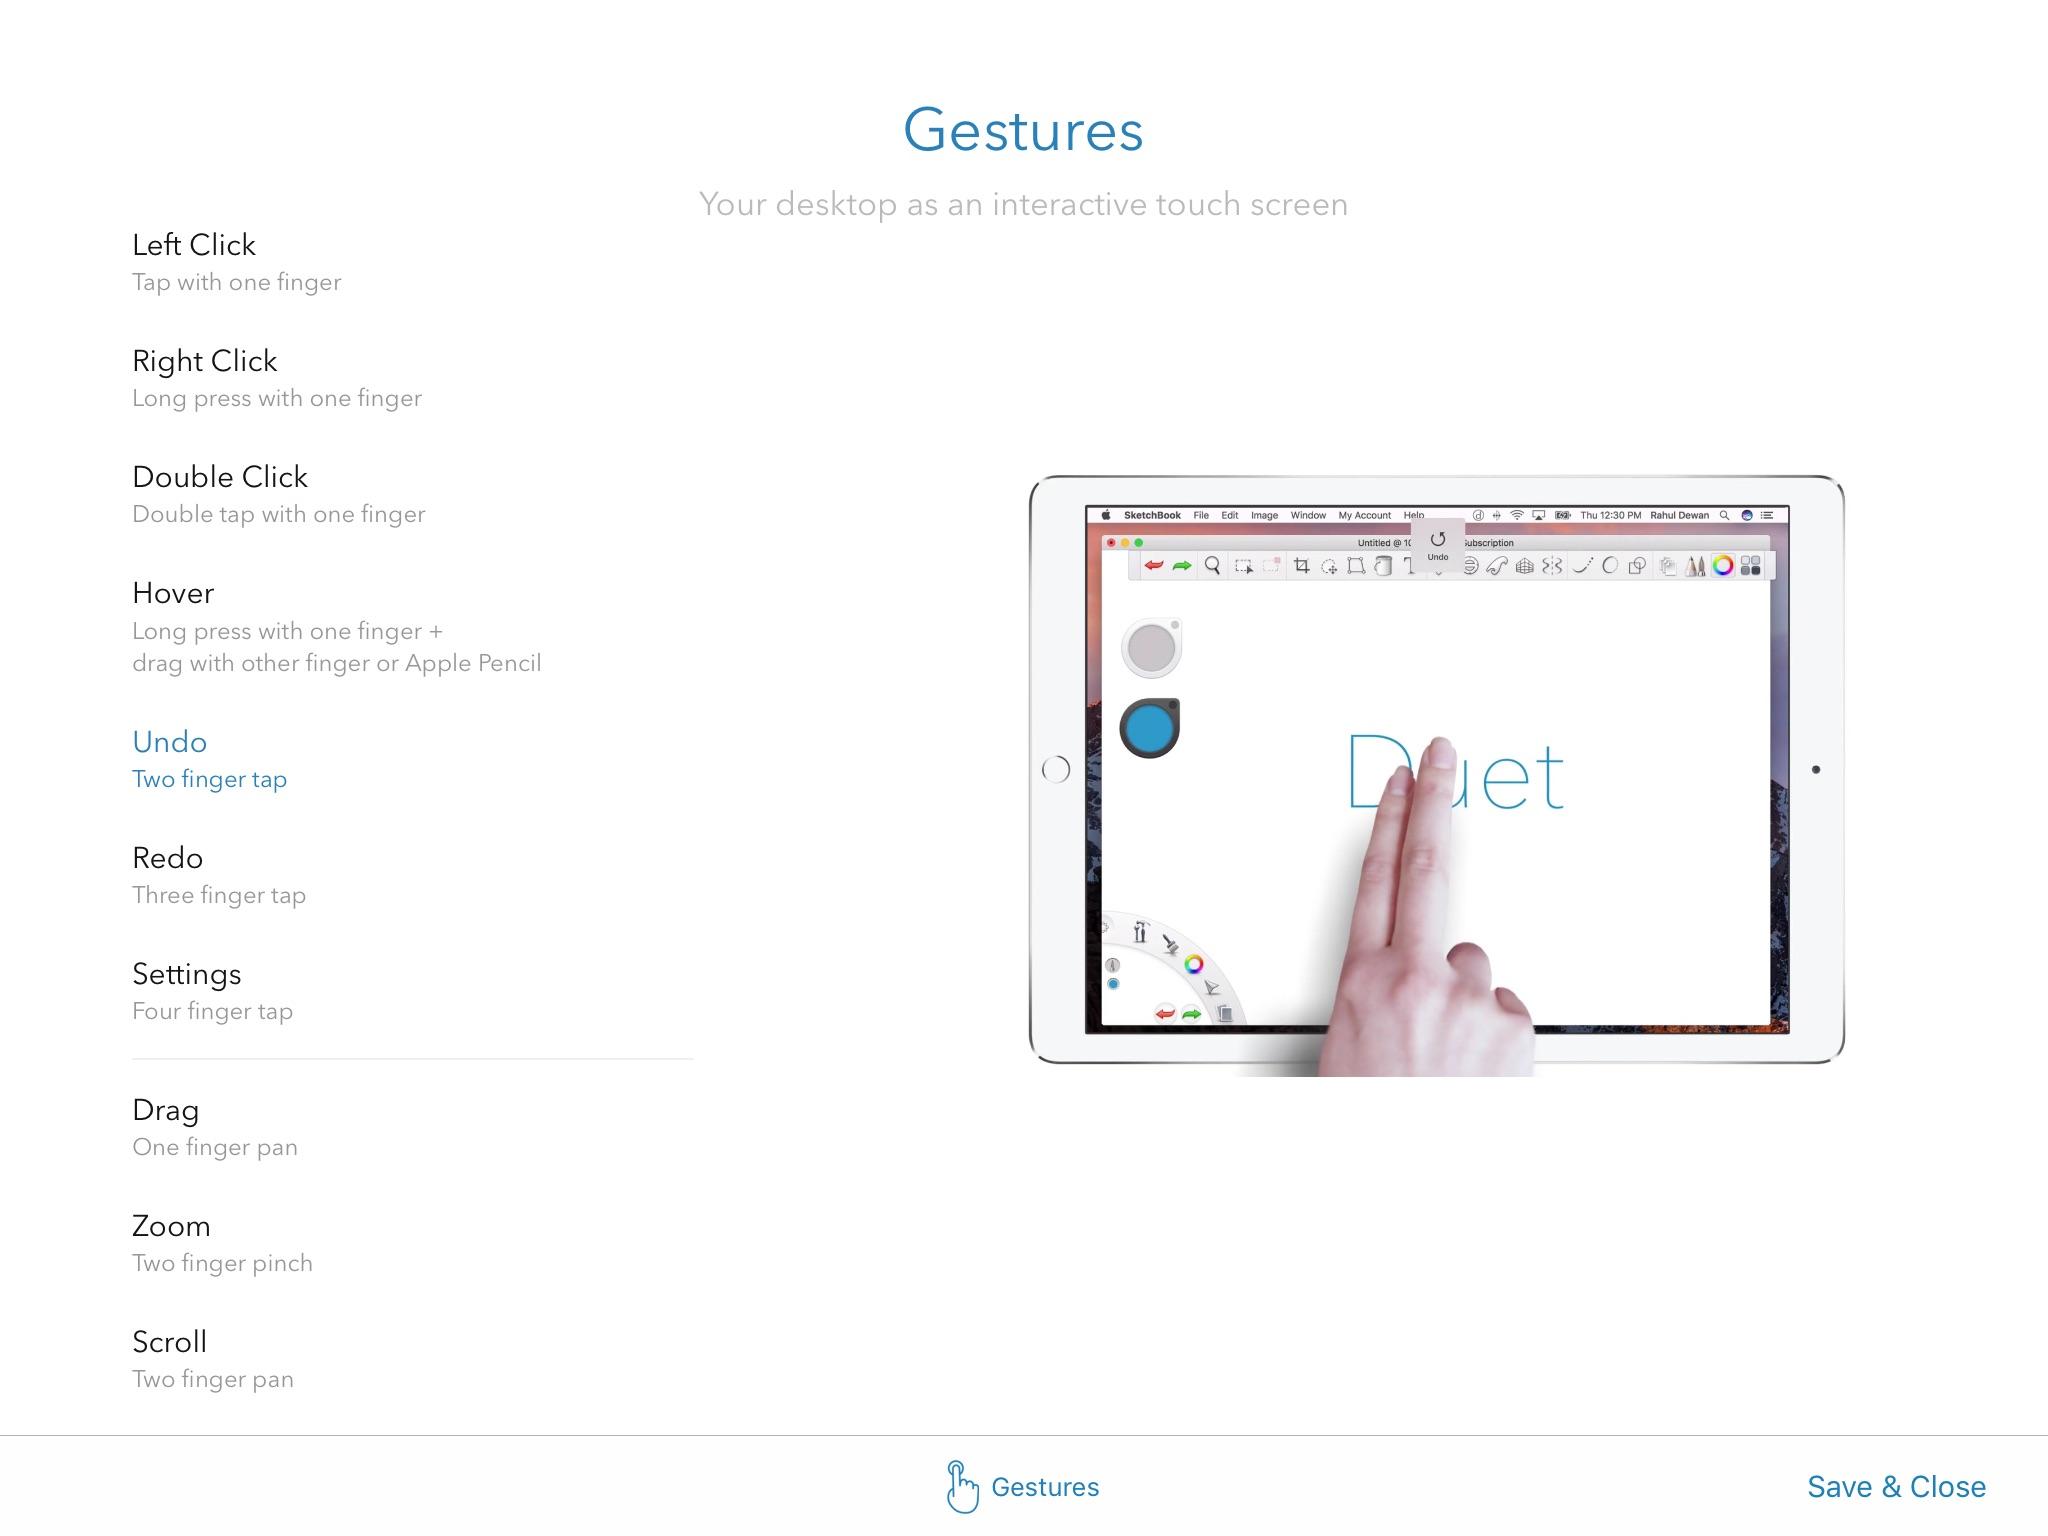 iPad bigarren MacBook pantaila gisa?  Hilabeteak daramatzat iPadOS gabe.  Behar duzun guztia Duet aplikazio bikaina da 2